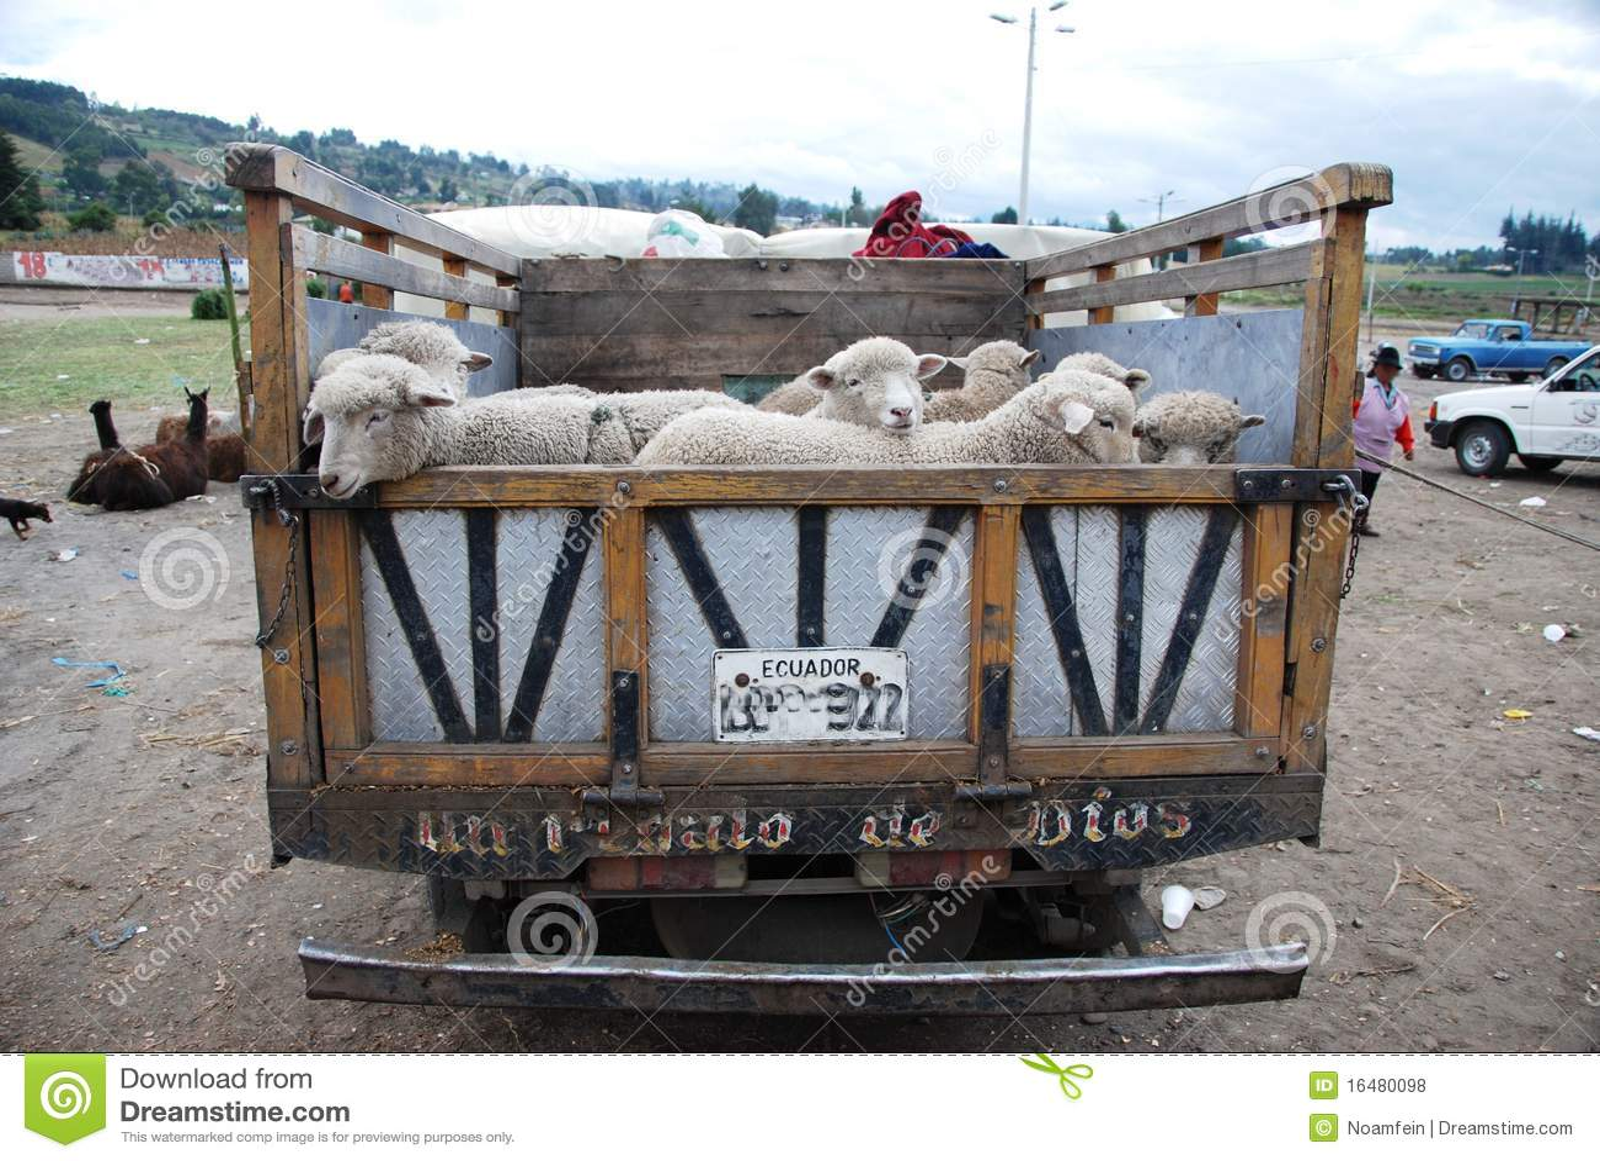 Carro del Ecuadorian por completo con las ovejas